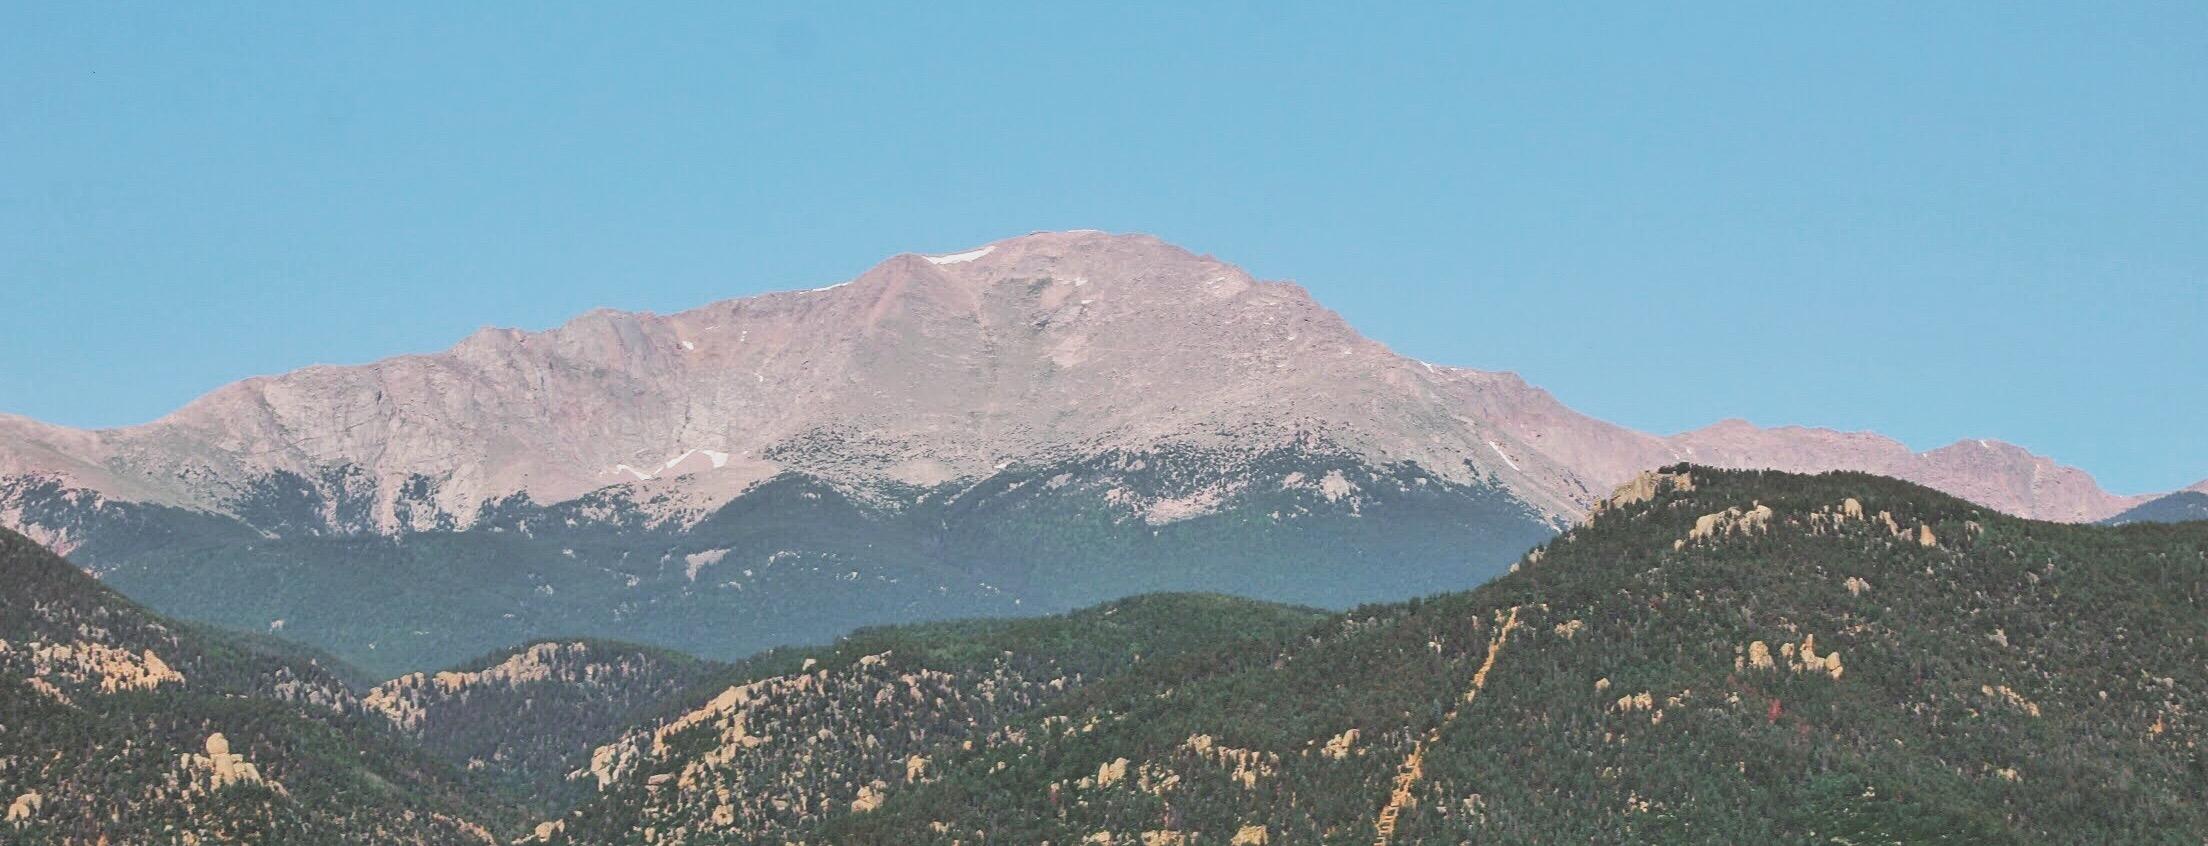 Colorado Springs - financial planning